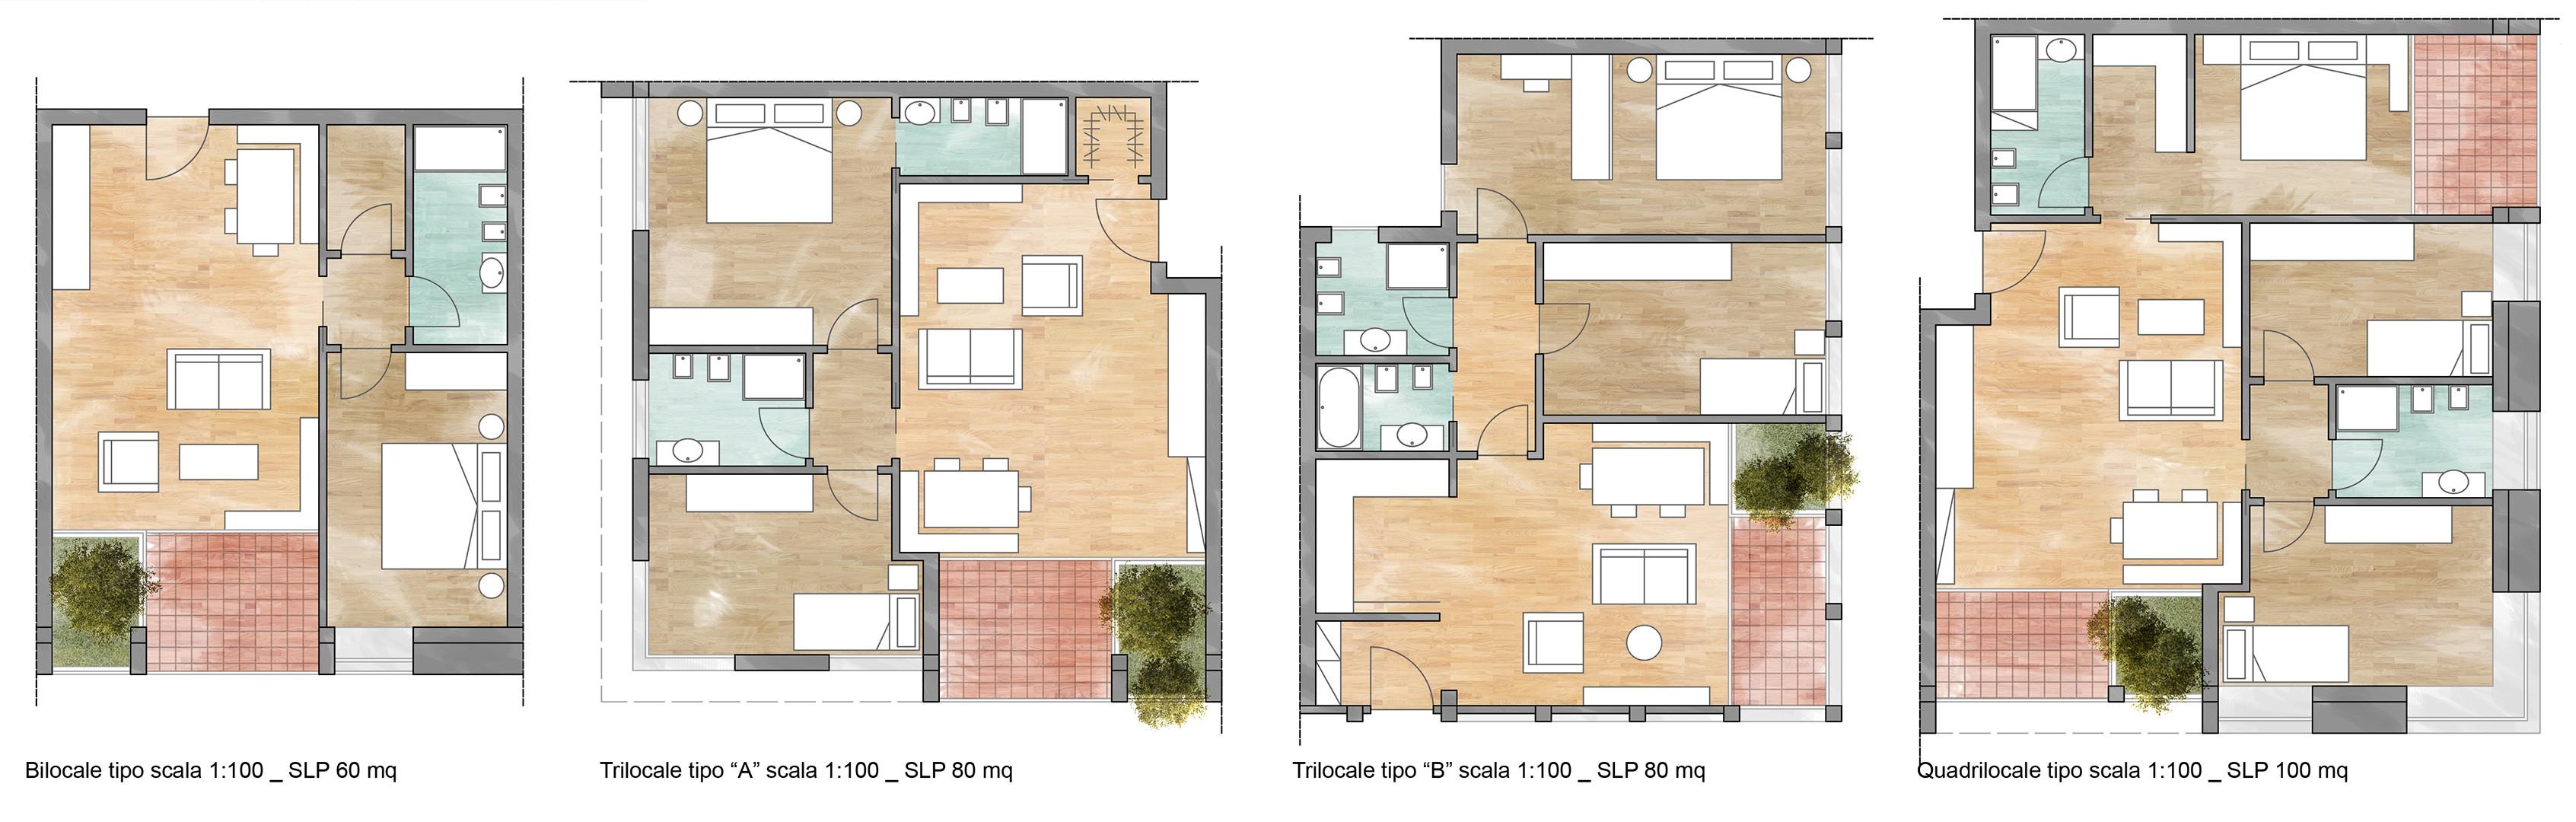 appartamenti tipo-01-01.jpg